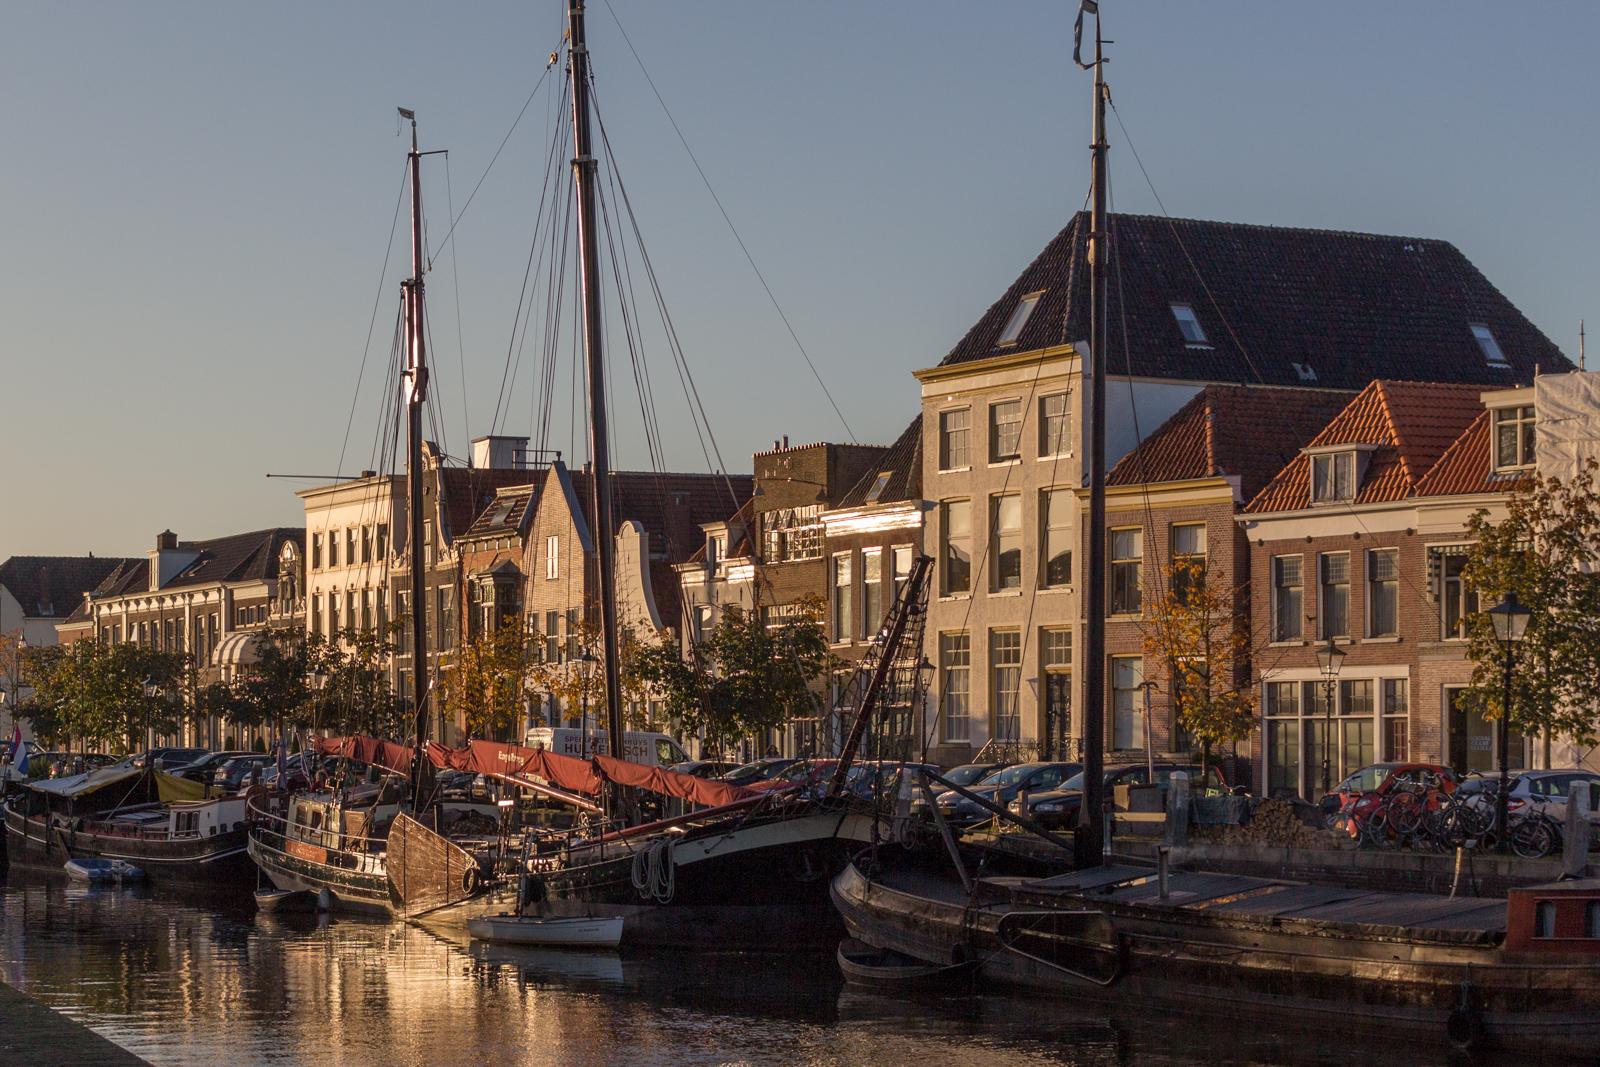 Hanzesteden, niederländische Hansestädte, Zwolle, Hafen, Kogge, Holland